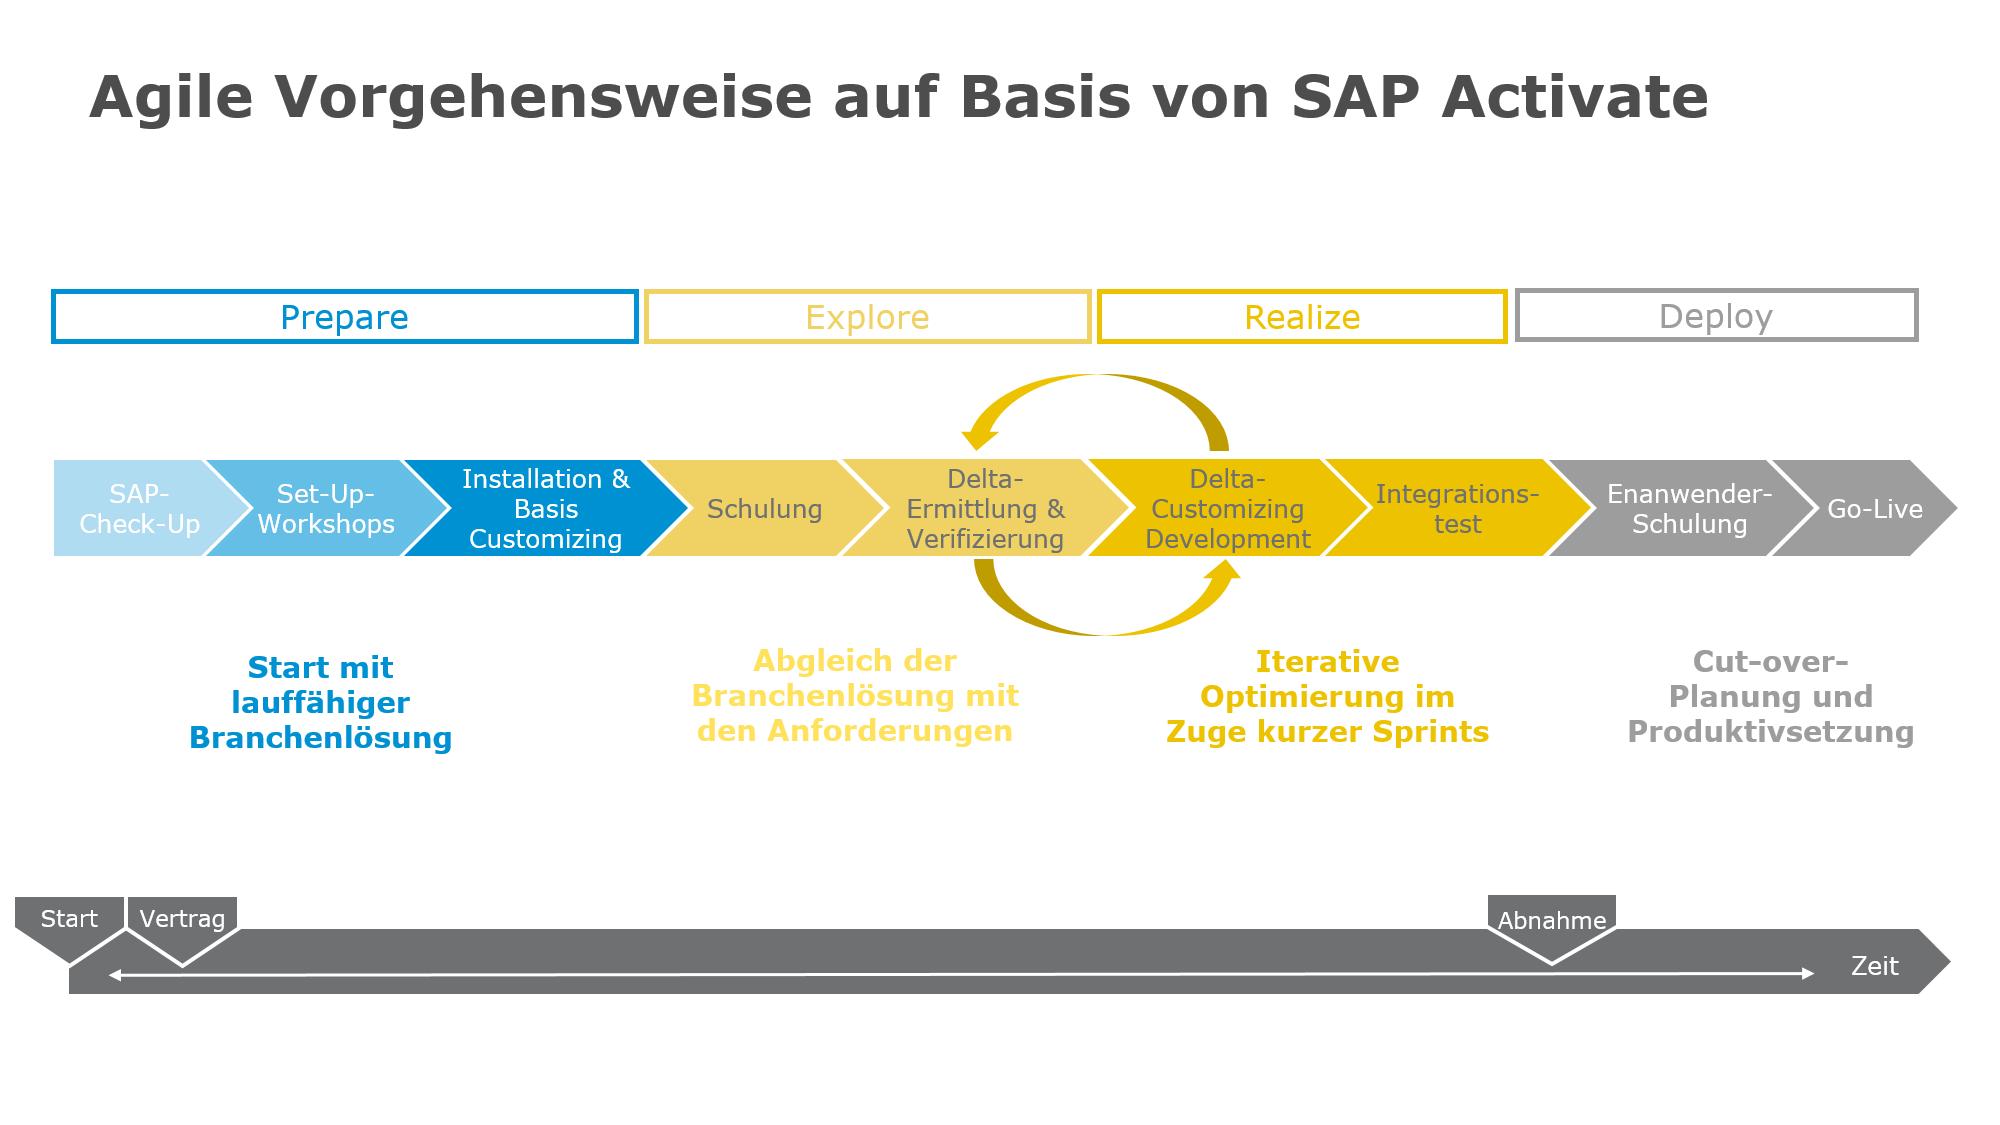 News Grafik Zeelandia Agile Vorgehensweise - Erfolgsrezept: Zeelandia mischt mit SAP S/4HANA ganz vorne mit